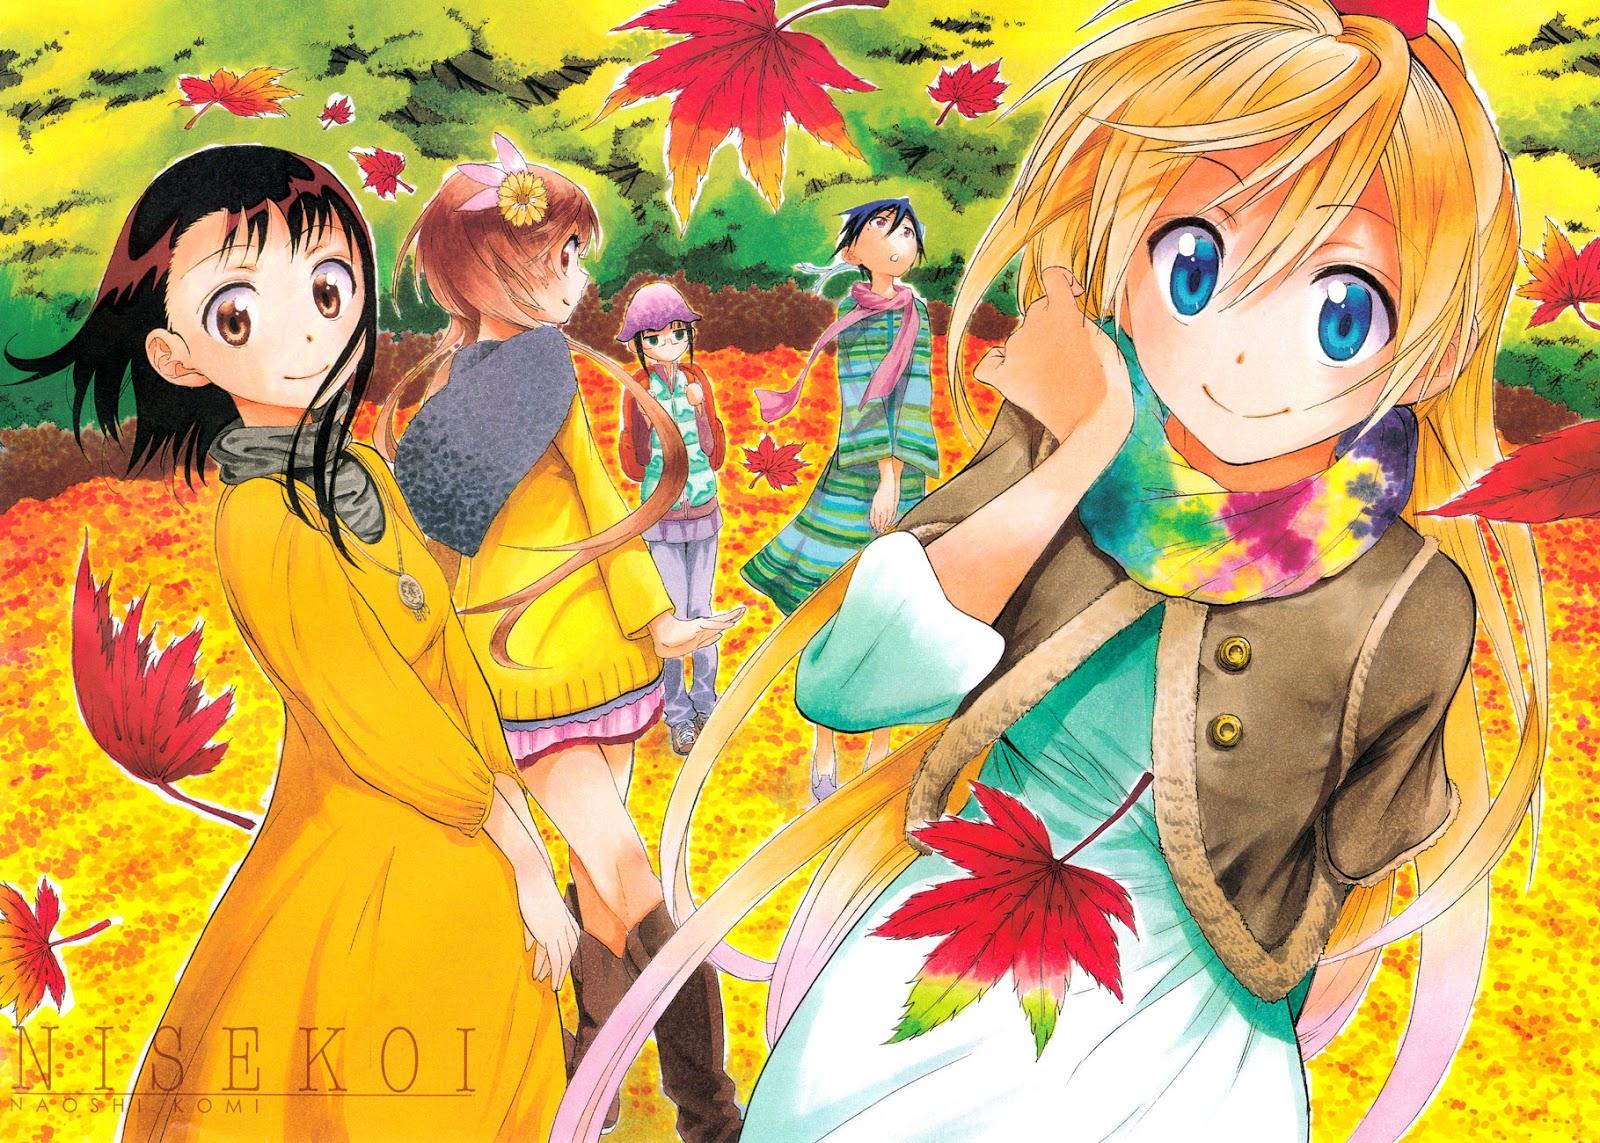 Nisekoi, Actu Manga, Manga, Naoshi Komi, Weekly Shonen Jump,